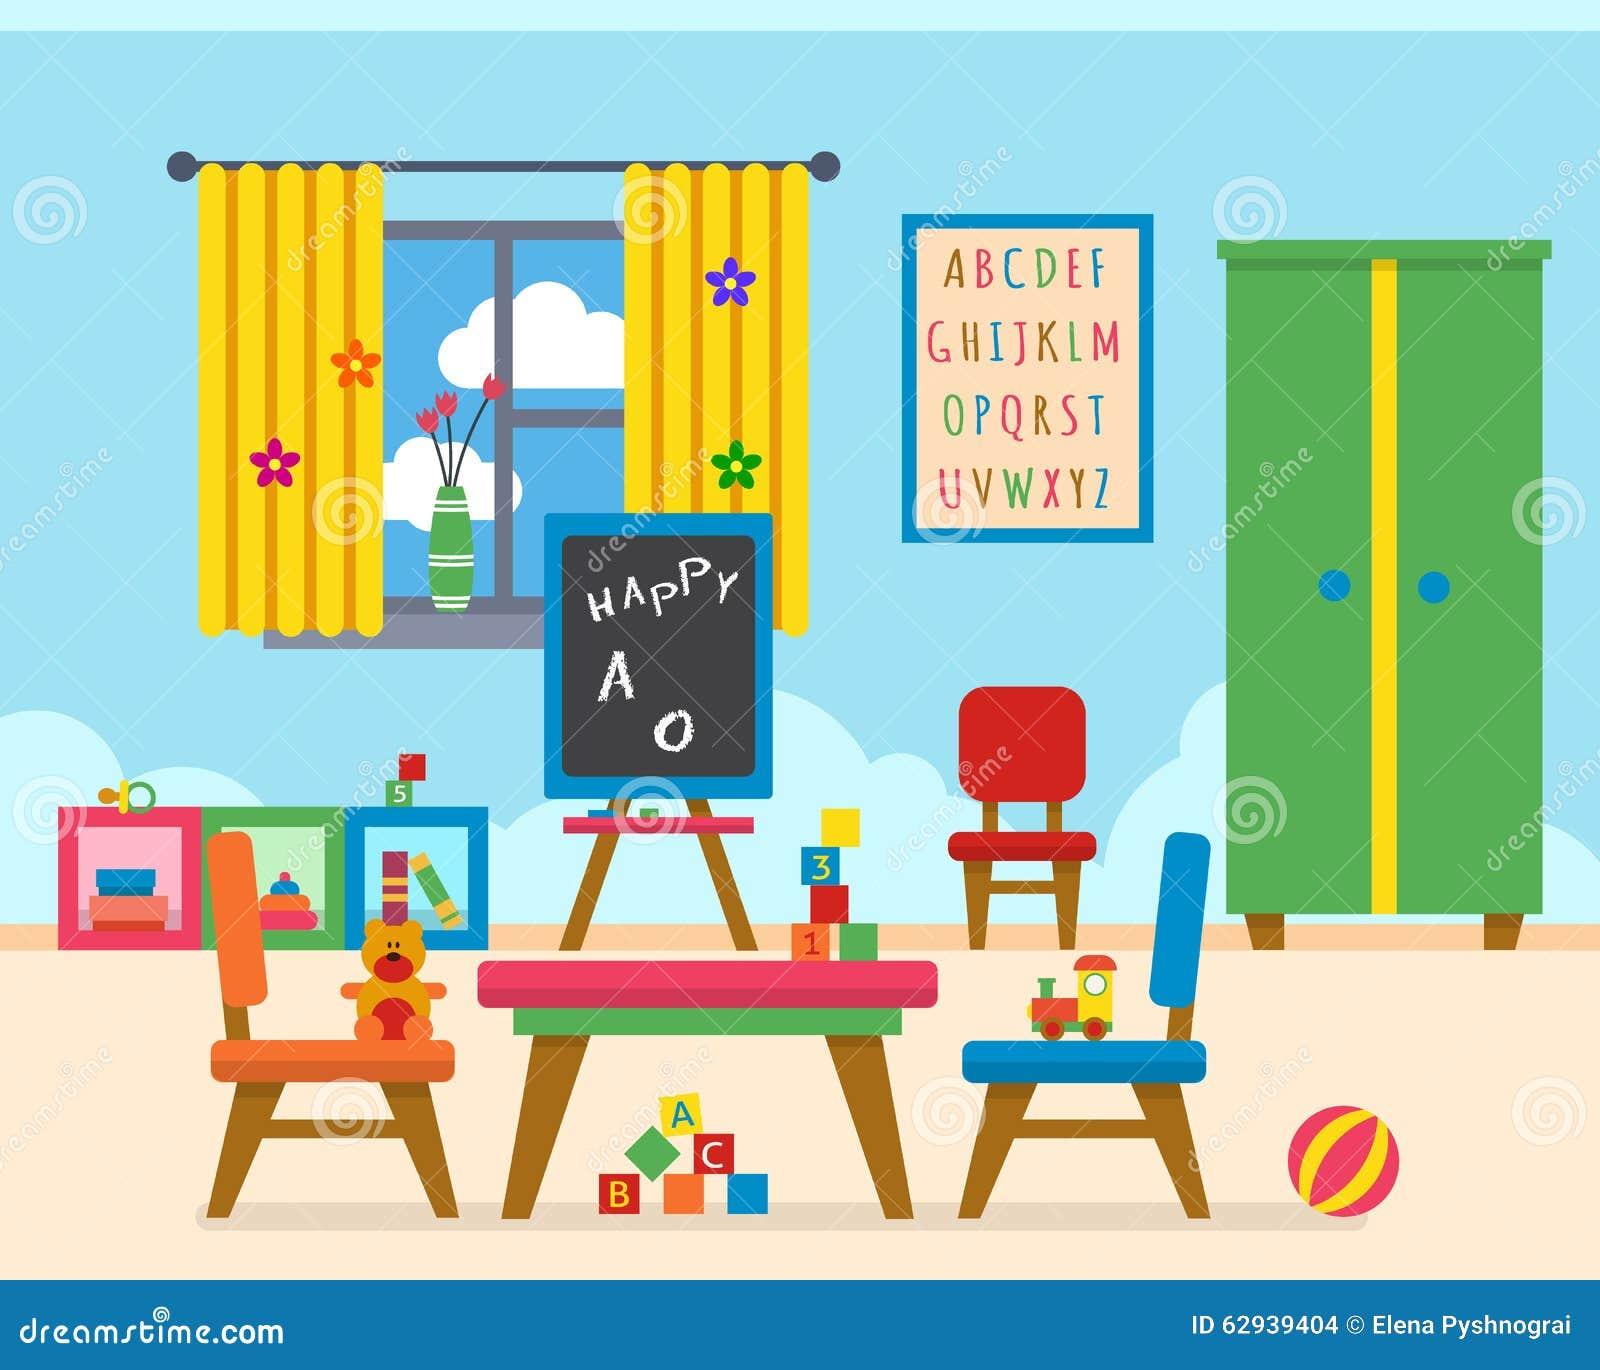 Terrain de jeu d 39 cole maternelle de jardin d 39 enfants illustration de vecteur illustration du - Image d ecole maternelle ...